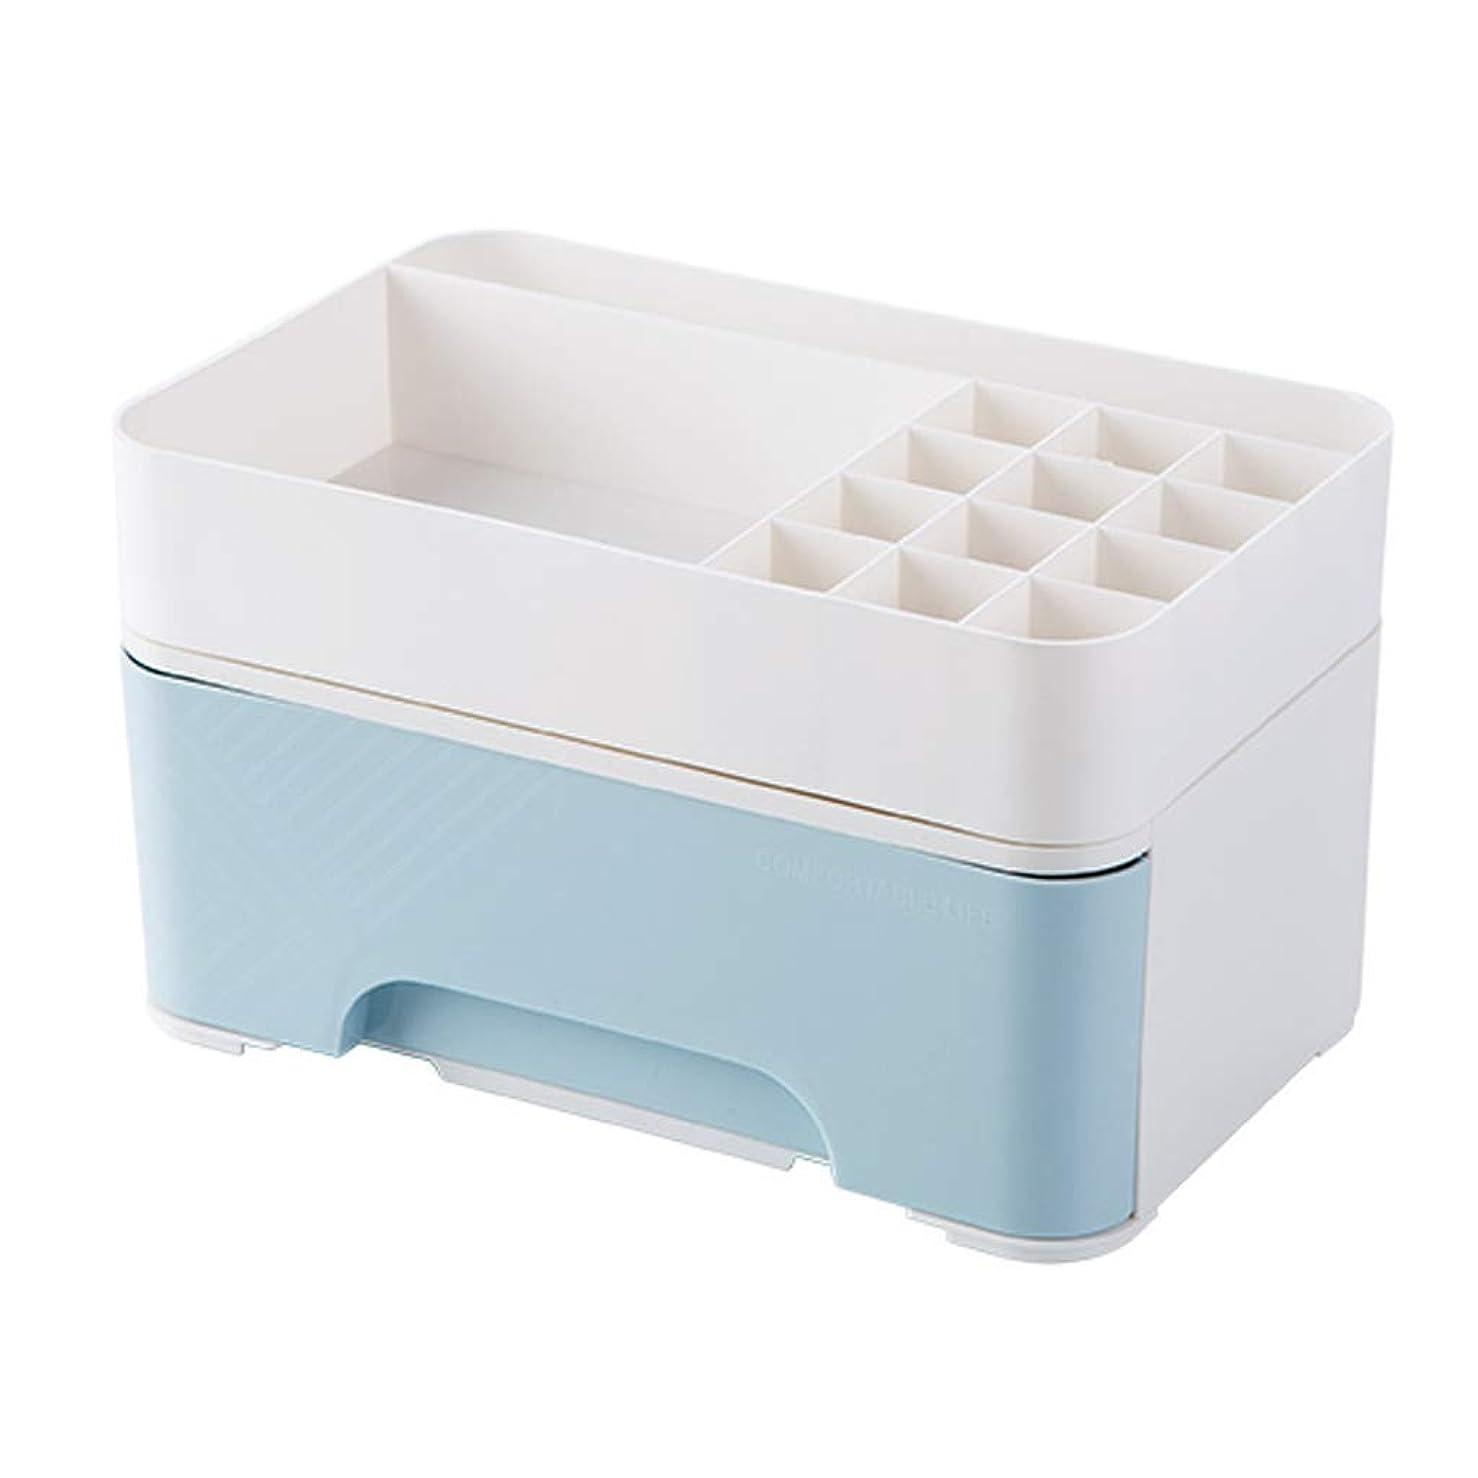 汗体現する操作化粧品収納ボックスプラスチックデスクトップ口紅ジュエリースキンケア製品ストレージディスプレイボックス22 * 14.5 * 13cm(色:青)